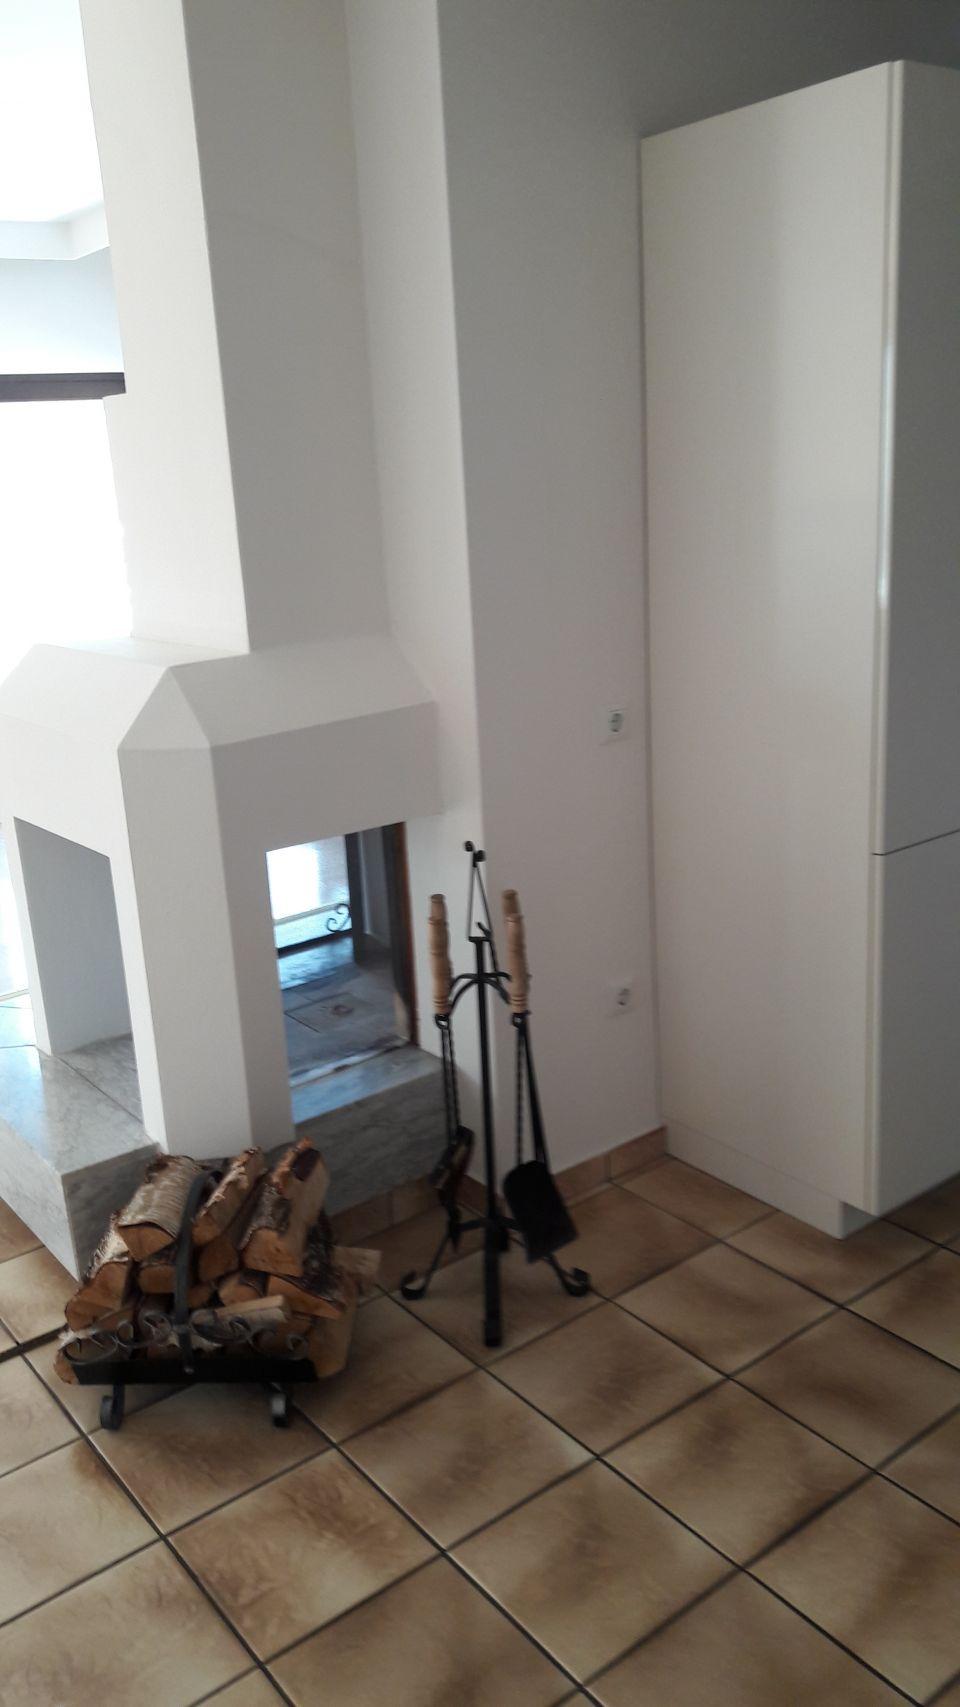 immobilien steinen penthouse 3 zi m terrasse und off kamin traumhafte aussichten. Black Bedroom Furniture Sets. Home Design Ideas